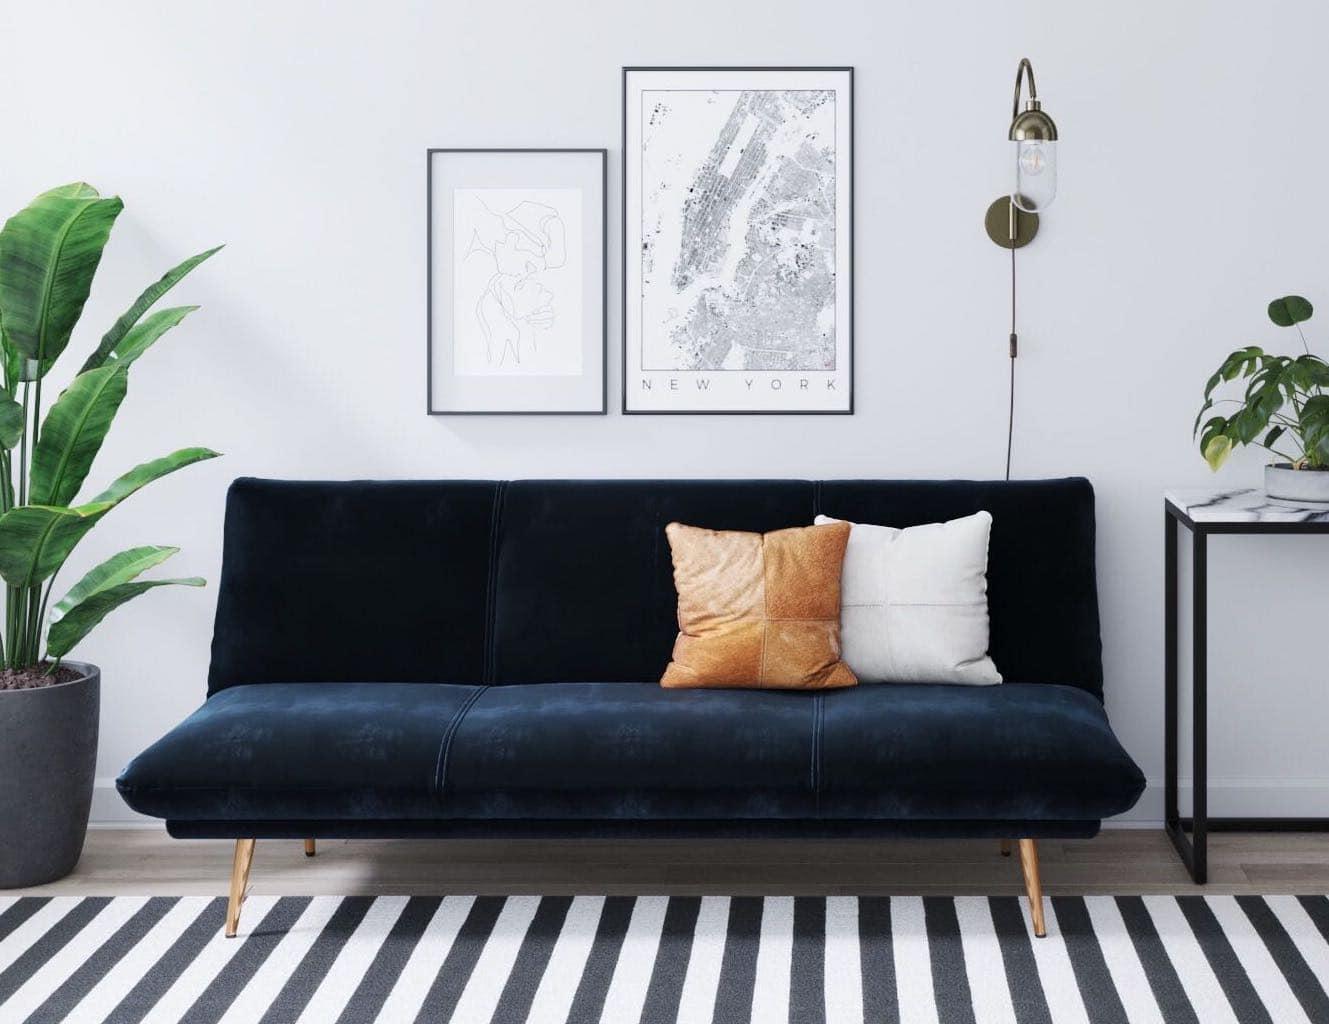 brosa navy blue velvet sofa bed review